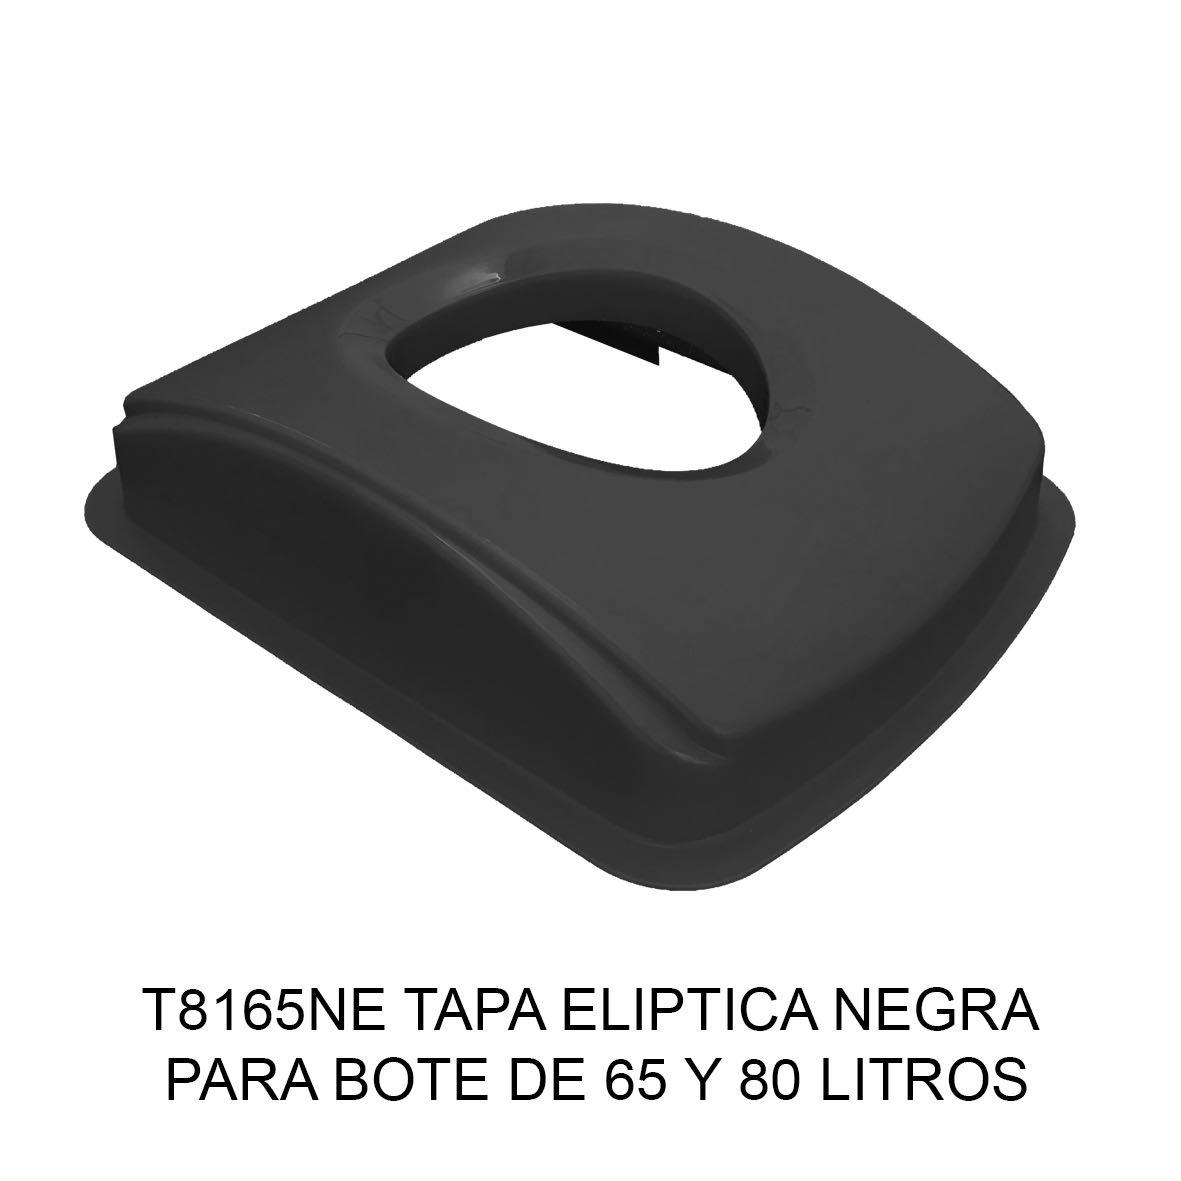 Tapa elíptica para bote de basura color negro para botes de 65 y 80 litros Modelo T8165NE de Sablón